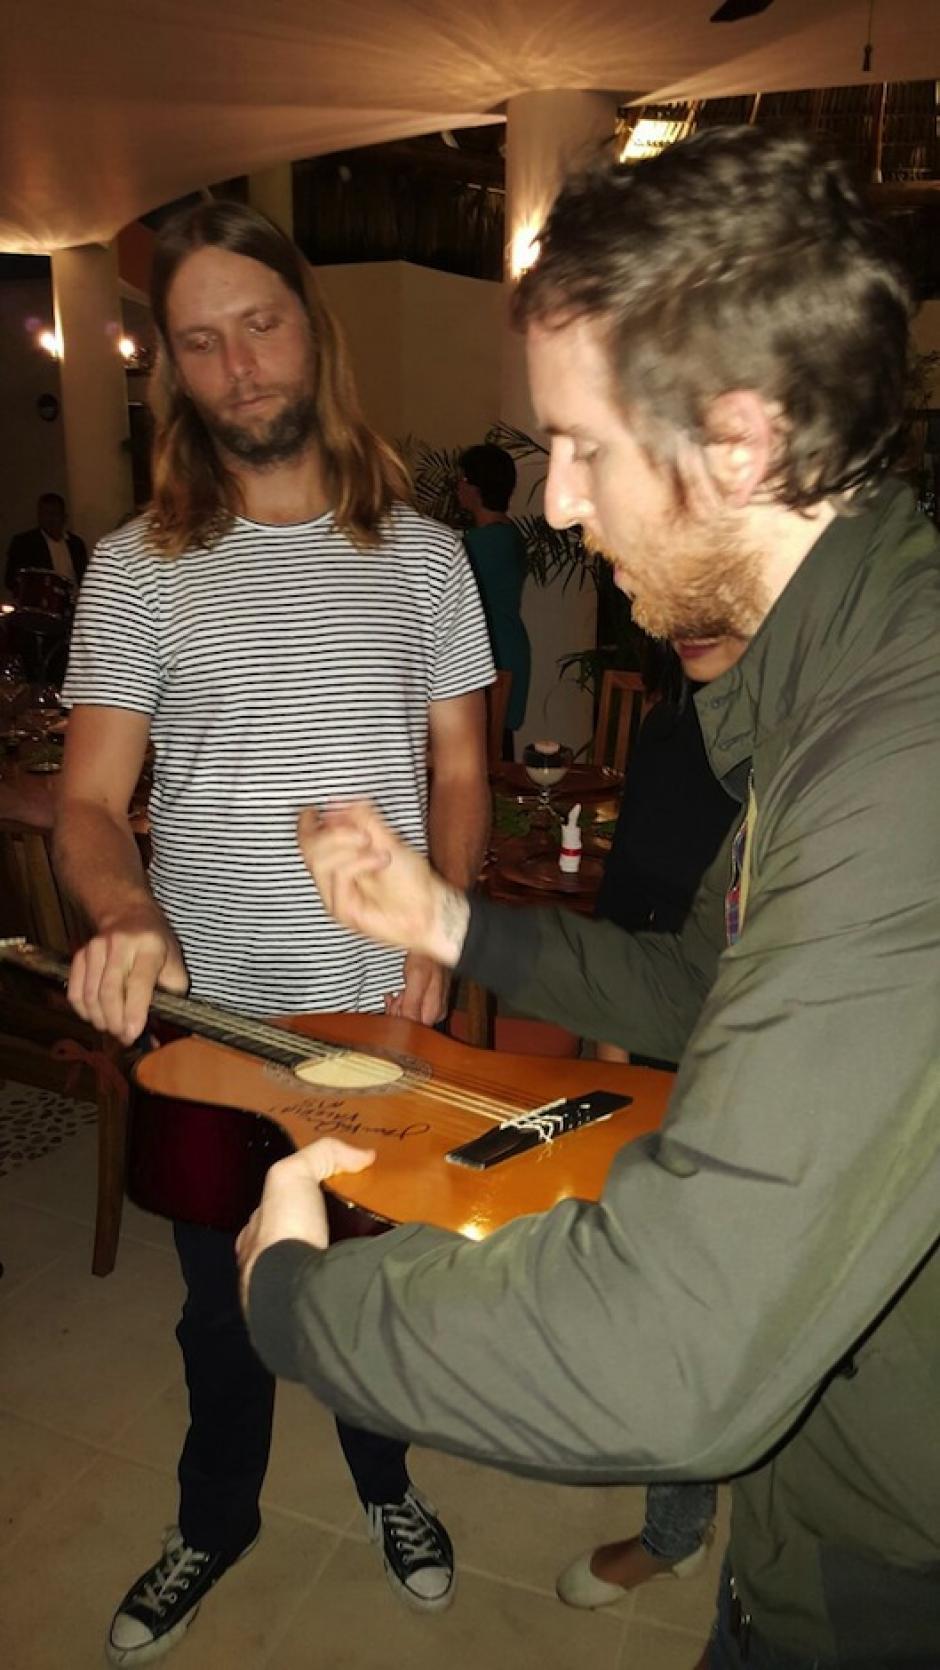 James Velantine y Jesse Carmichael, integrantes de la banda de rock Maroon 5, firman autógrafos a sus fanáticos en su estadía en Guatemala. (Foto: Soy502)